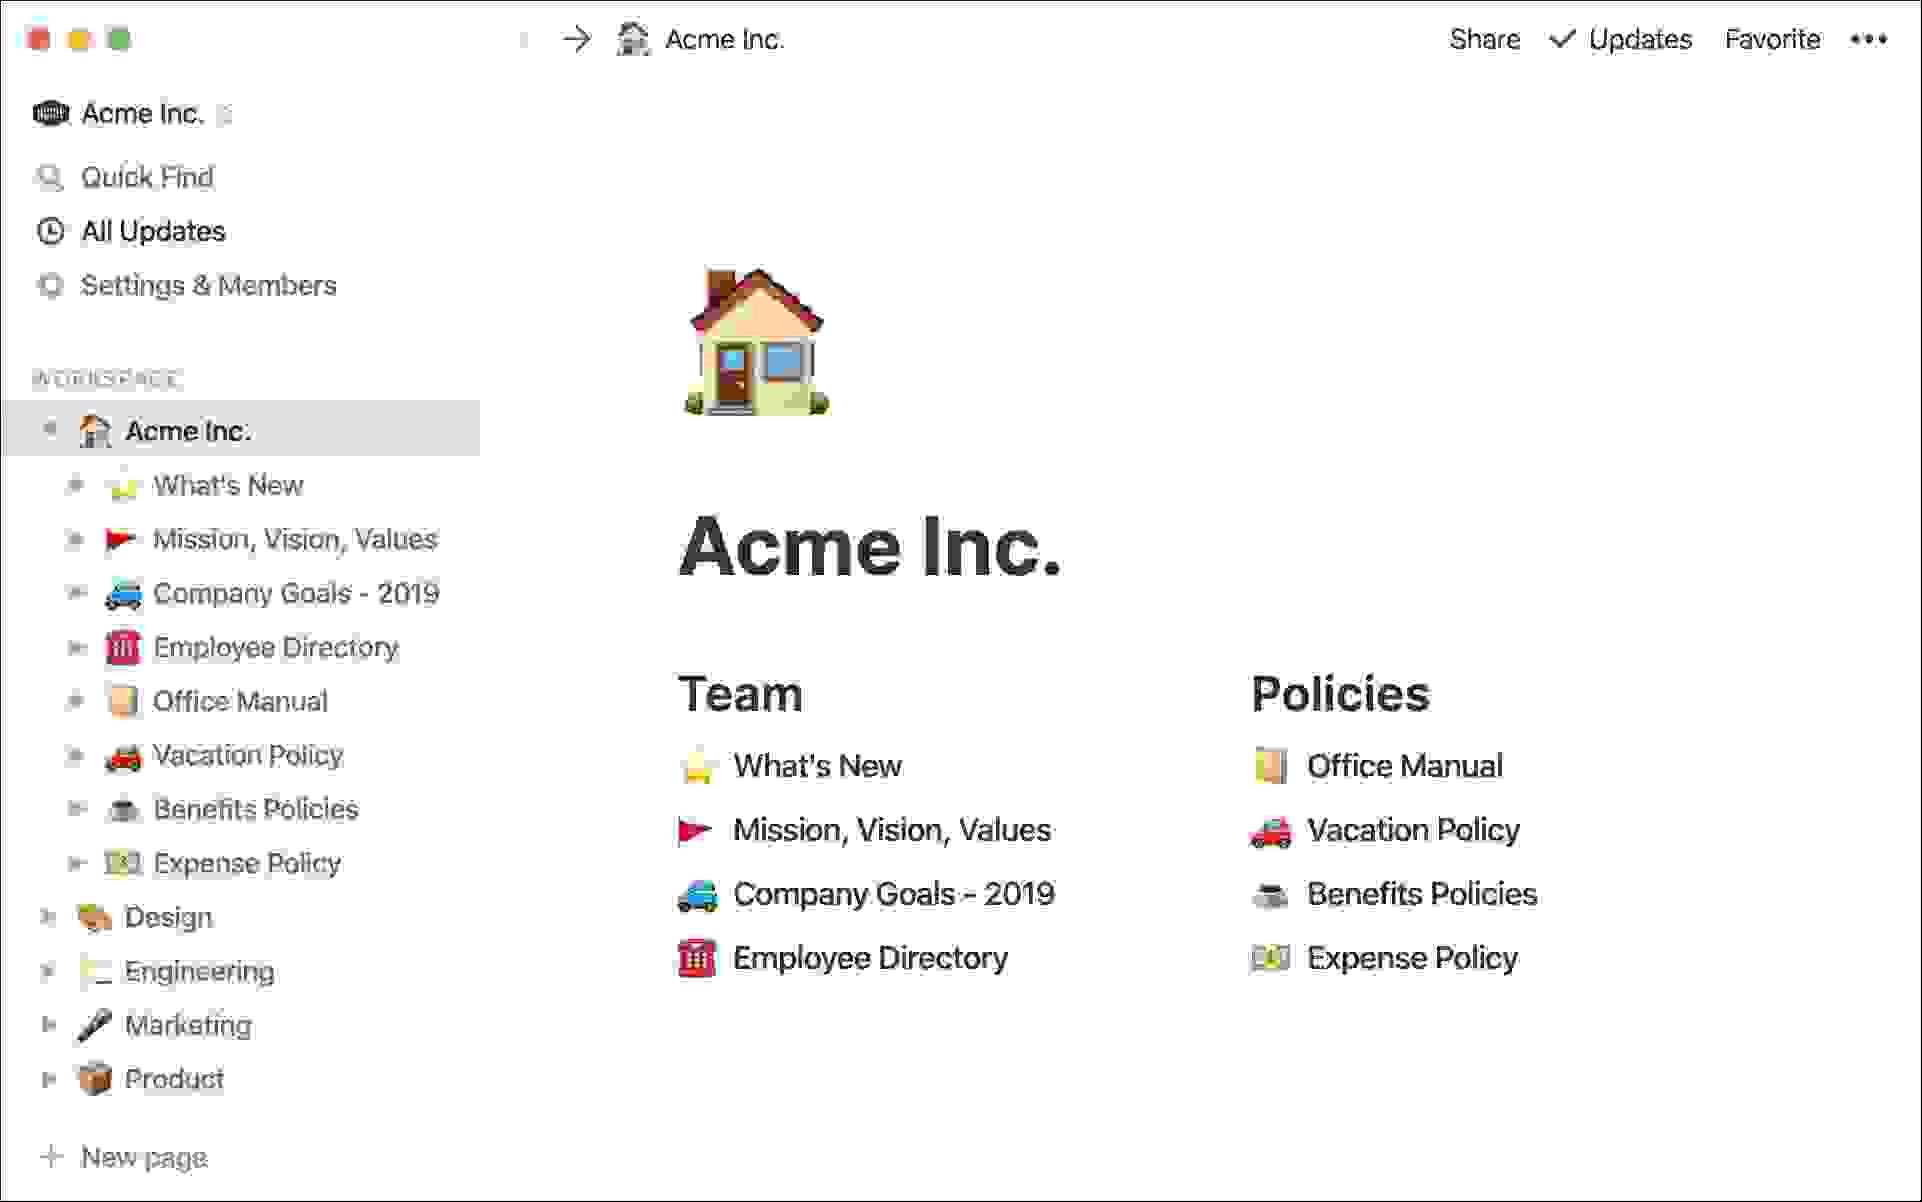 أفضل تطبيق تدوين ملاحظات لإدارة البيانات، نوشن (Notion)